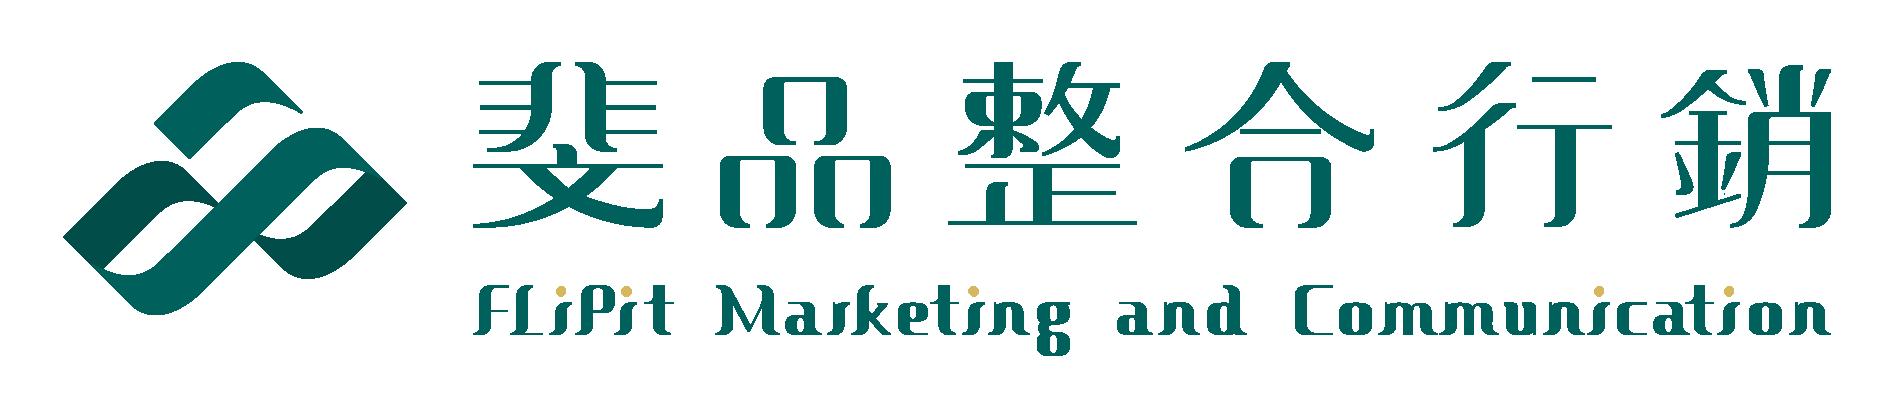 斐品整合行銷公關顧問有限公司|LOGO